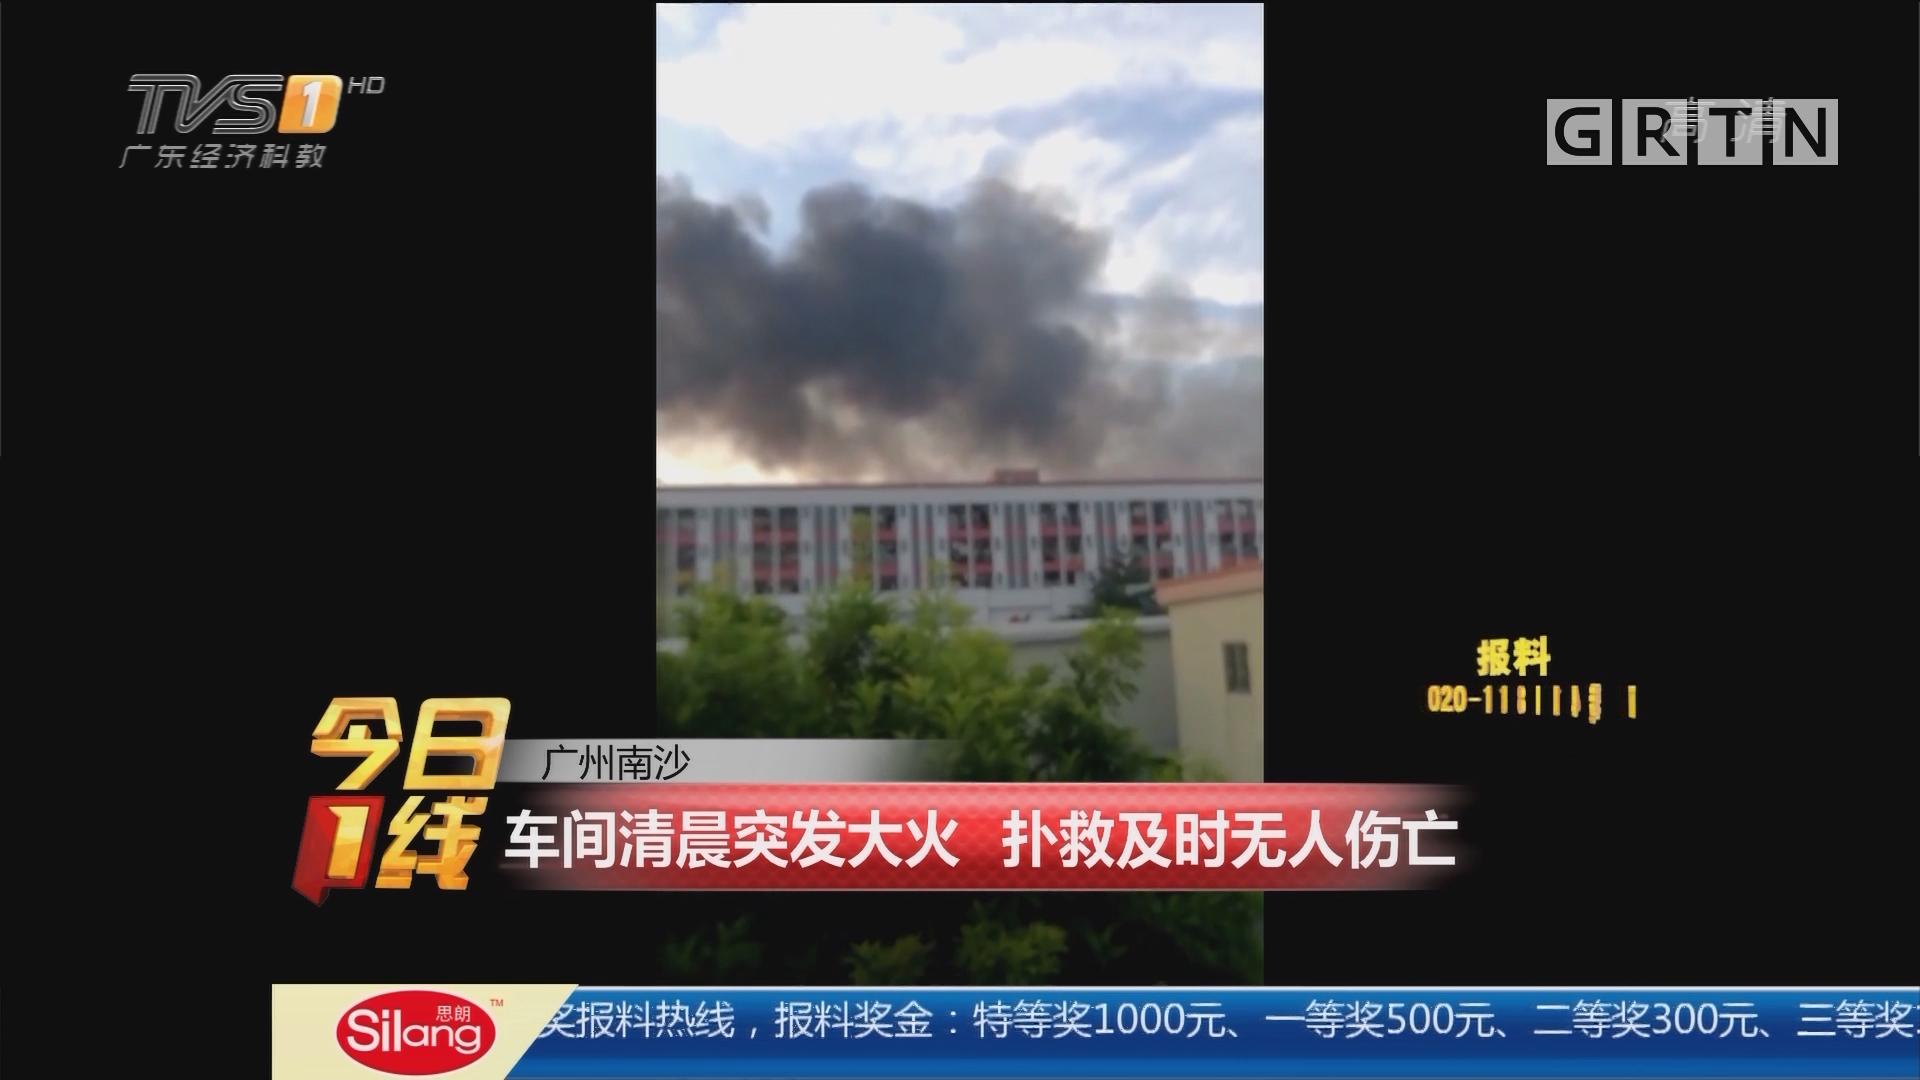 广州南沙:车间清晨突发大火 扑救及时无人伤亡